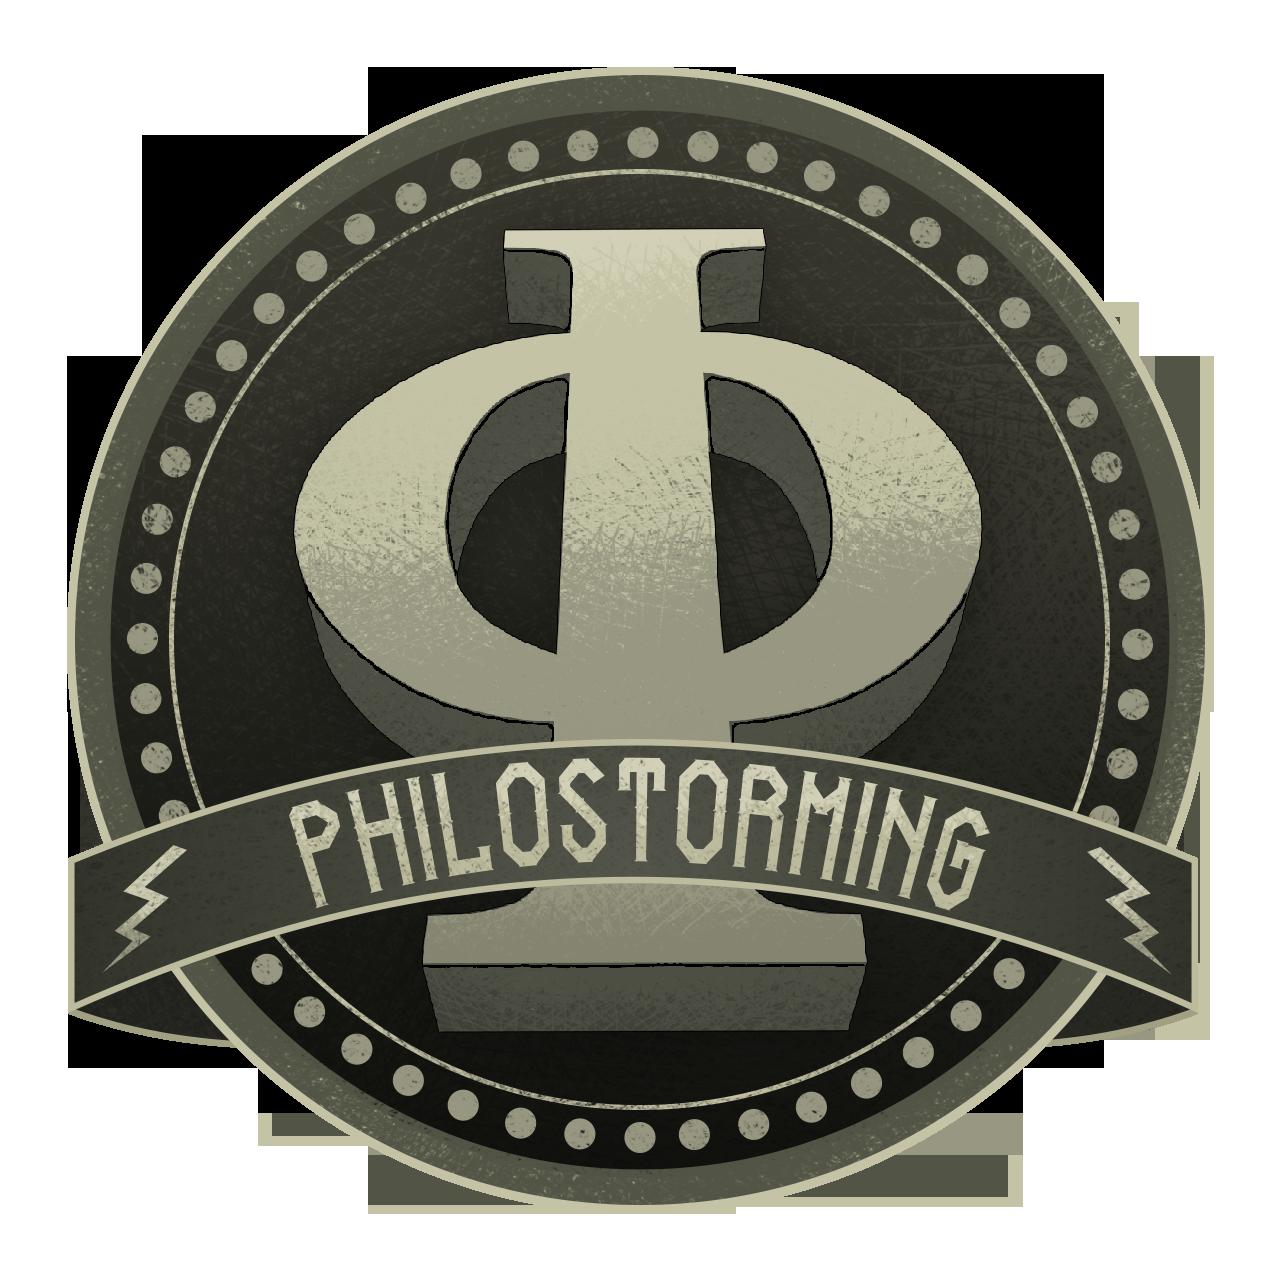 Philostorming